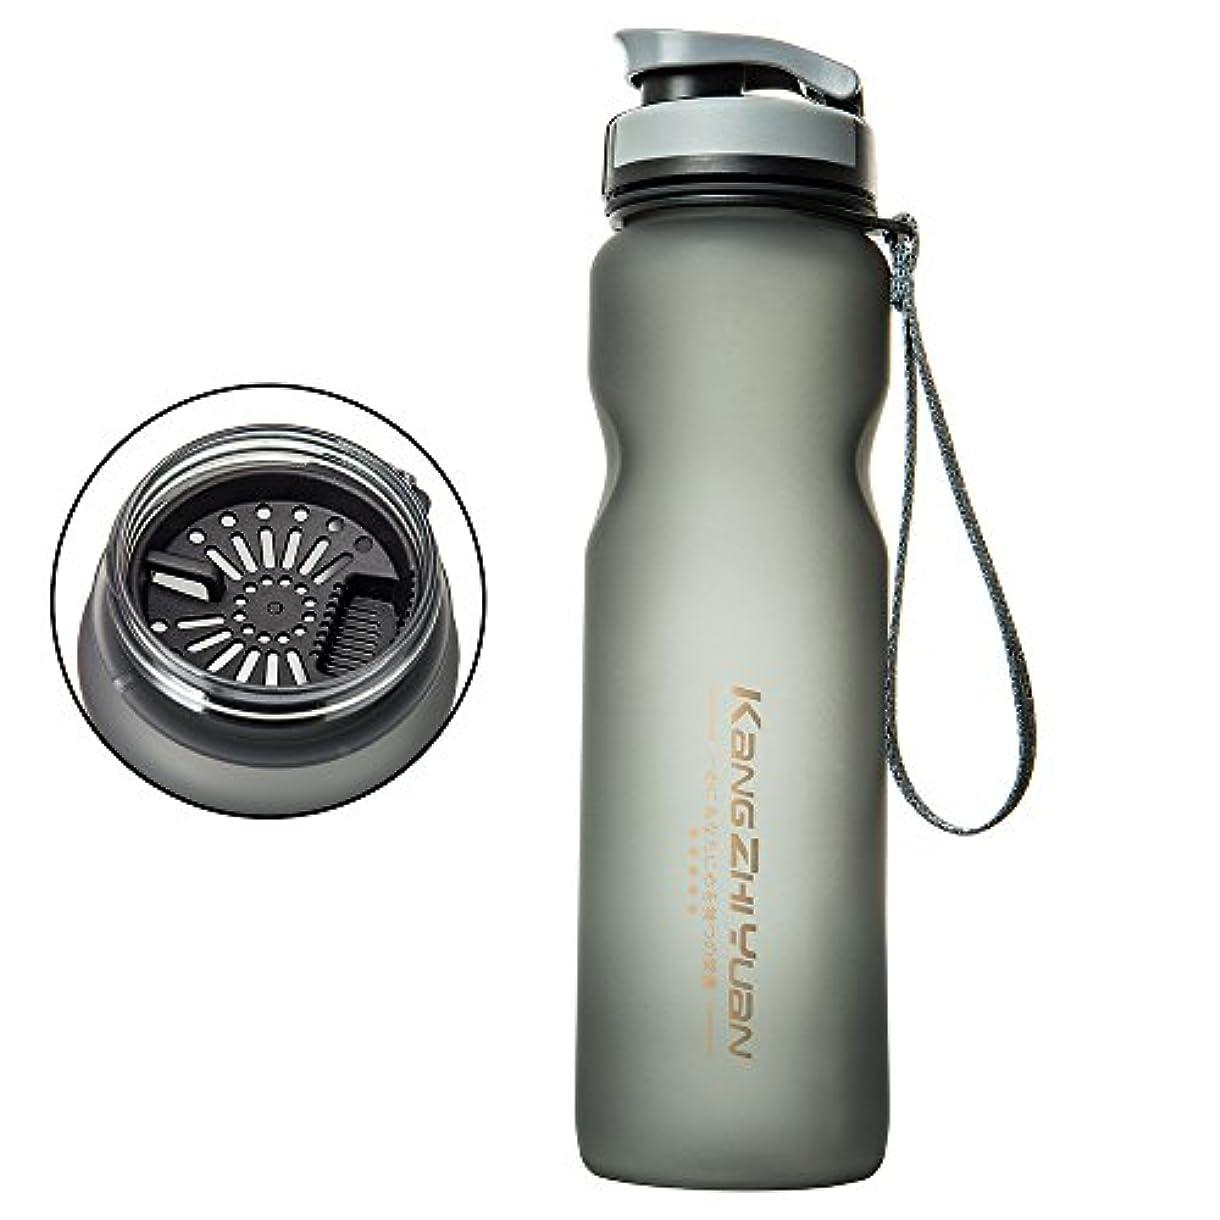 重大サイクル暗唱するfannybuy スポーツボトル ウォーターボトル 1000ml アウトドアボトル 水筒 超軽量 大容量 携帯便利 直飲み 運動用 フィルターネット アウトドア